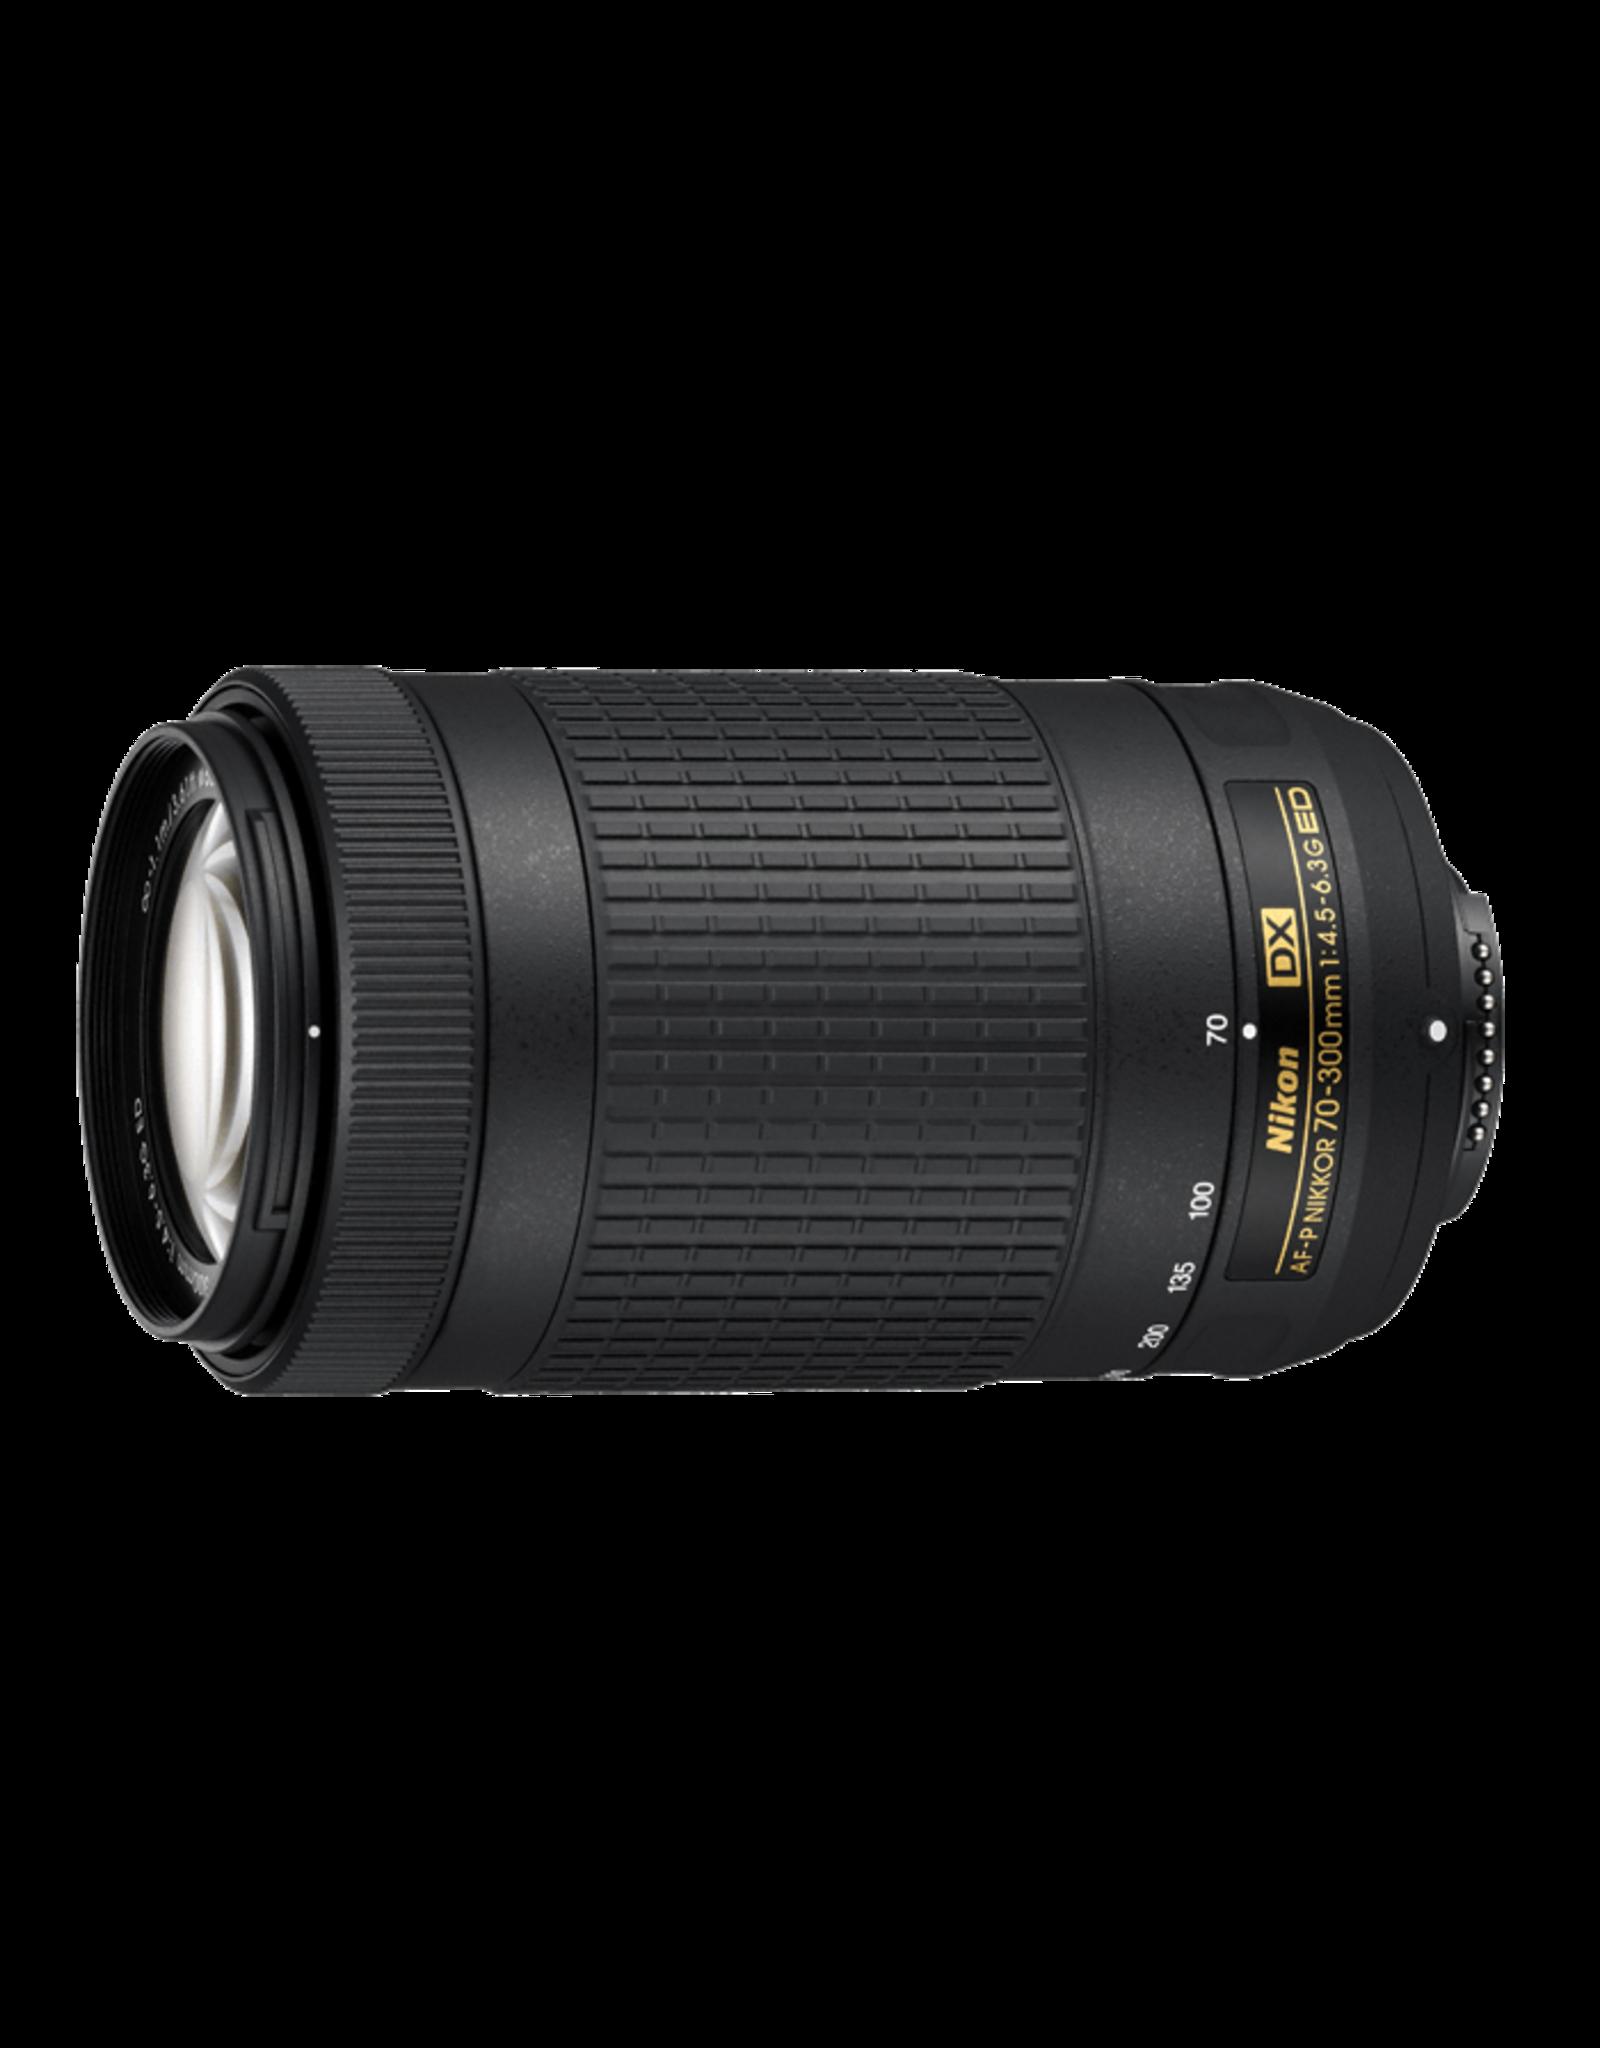 Nikon Nikon AF-P DX NIKKOR 70-300mm f/4.5-6.3G ED VR Lens